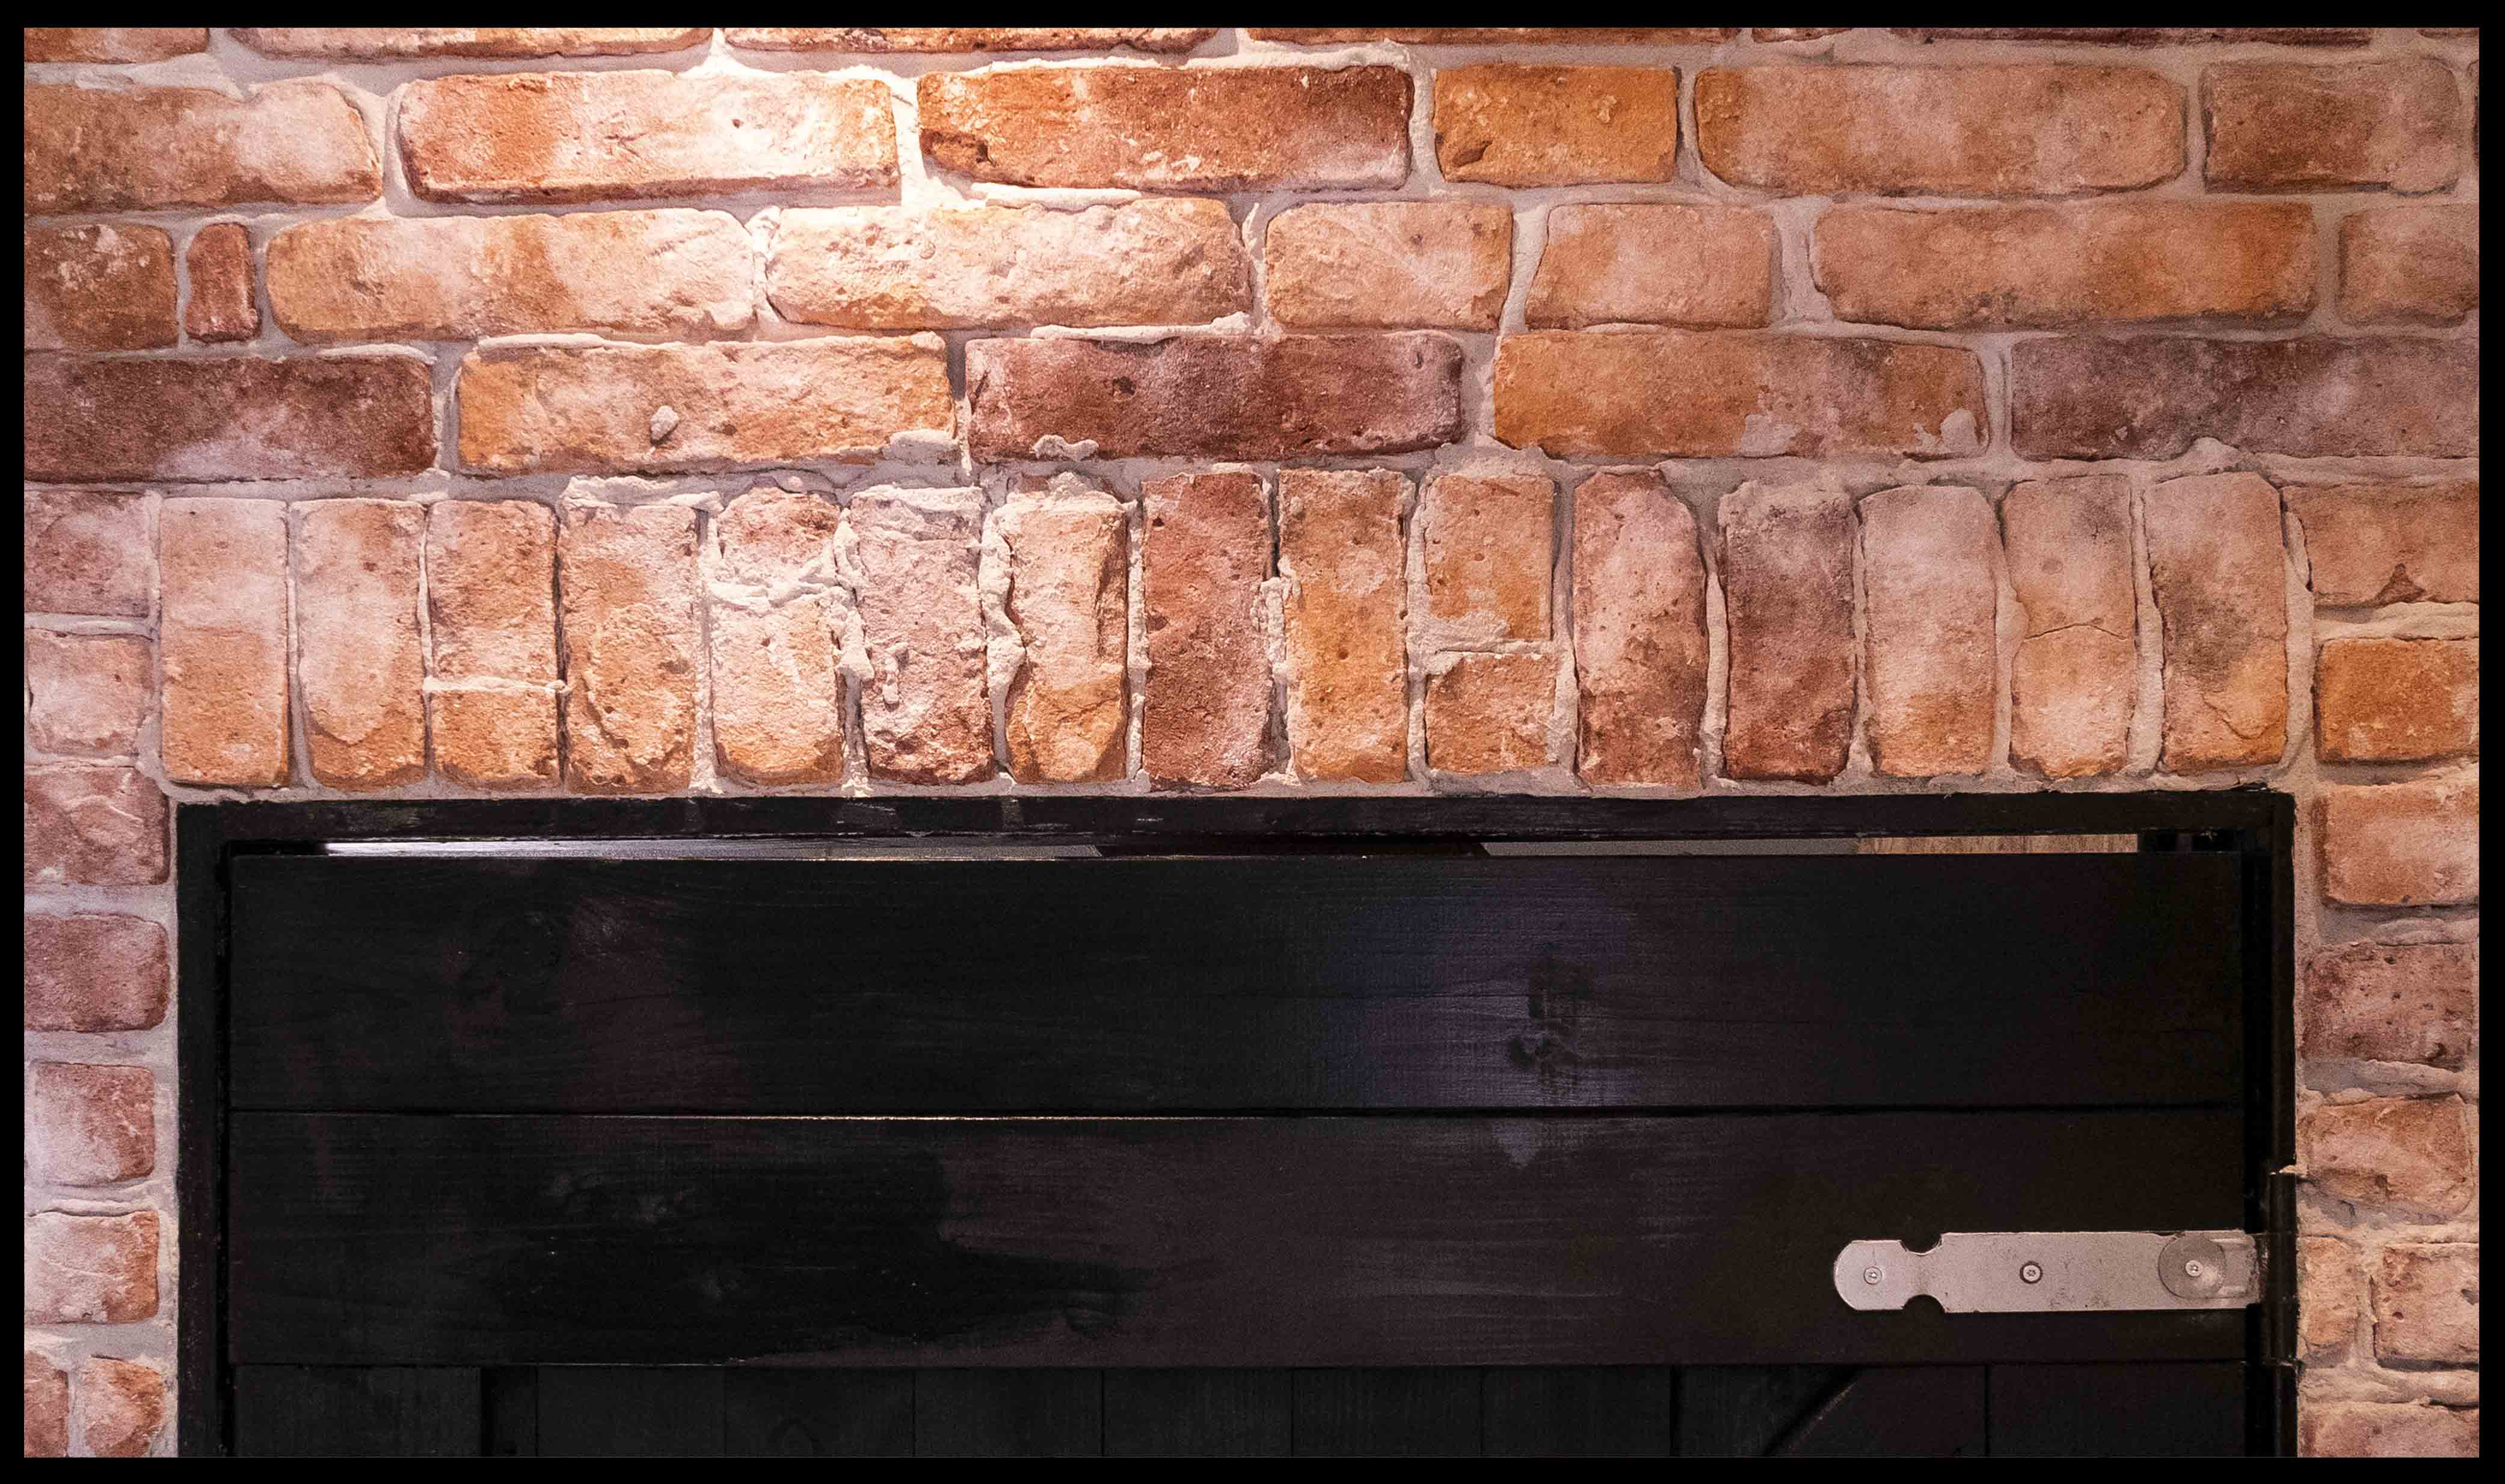 Afgebrokkelde stonepress bakstenen muur door stonepress techniek en oude afgebikte bewerkingAfgebrokkelde stonepress bakstenen muur door stonepress techniek en oude afgebikte bewerking